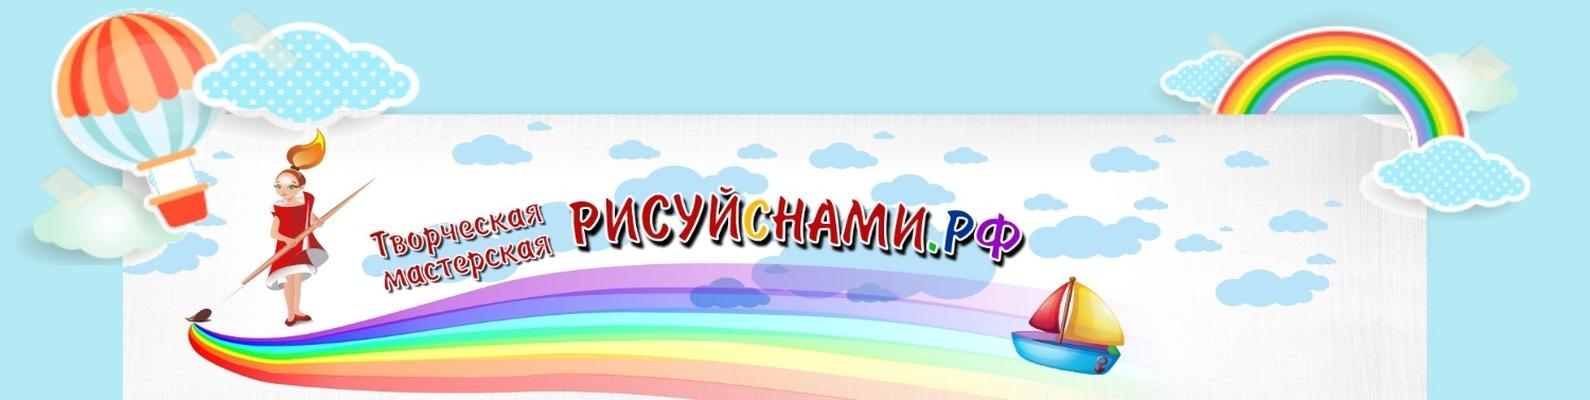 картинка творческой мастерской РИСУЙСНАМИ.РФ